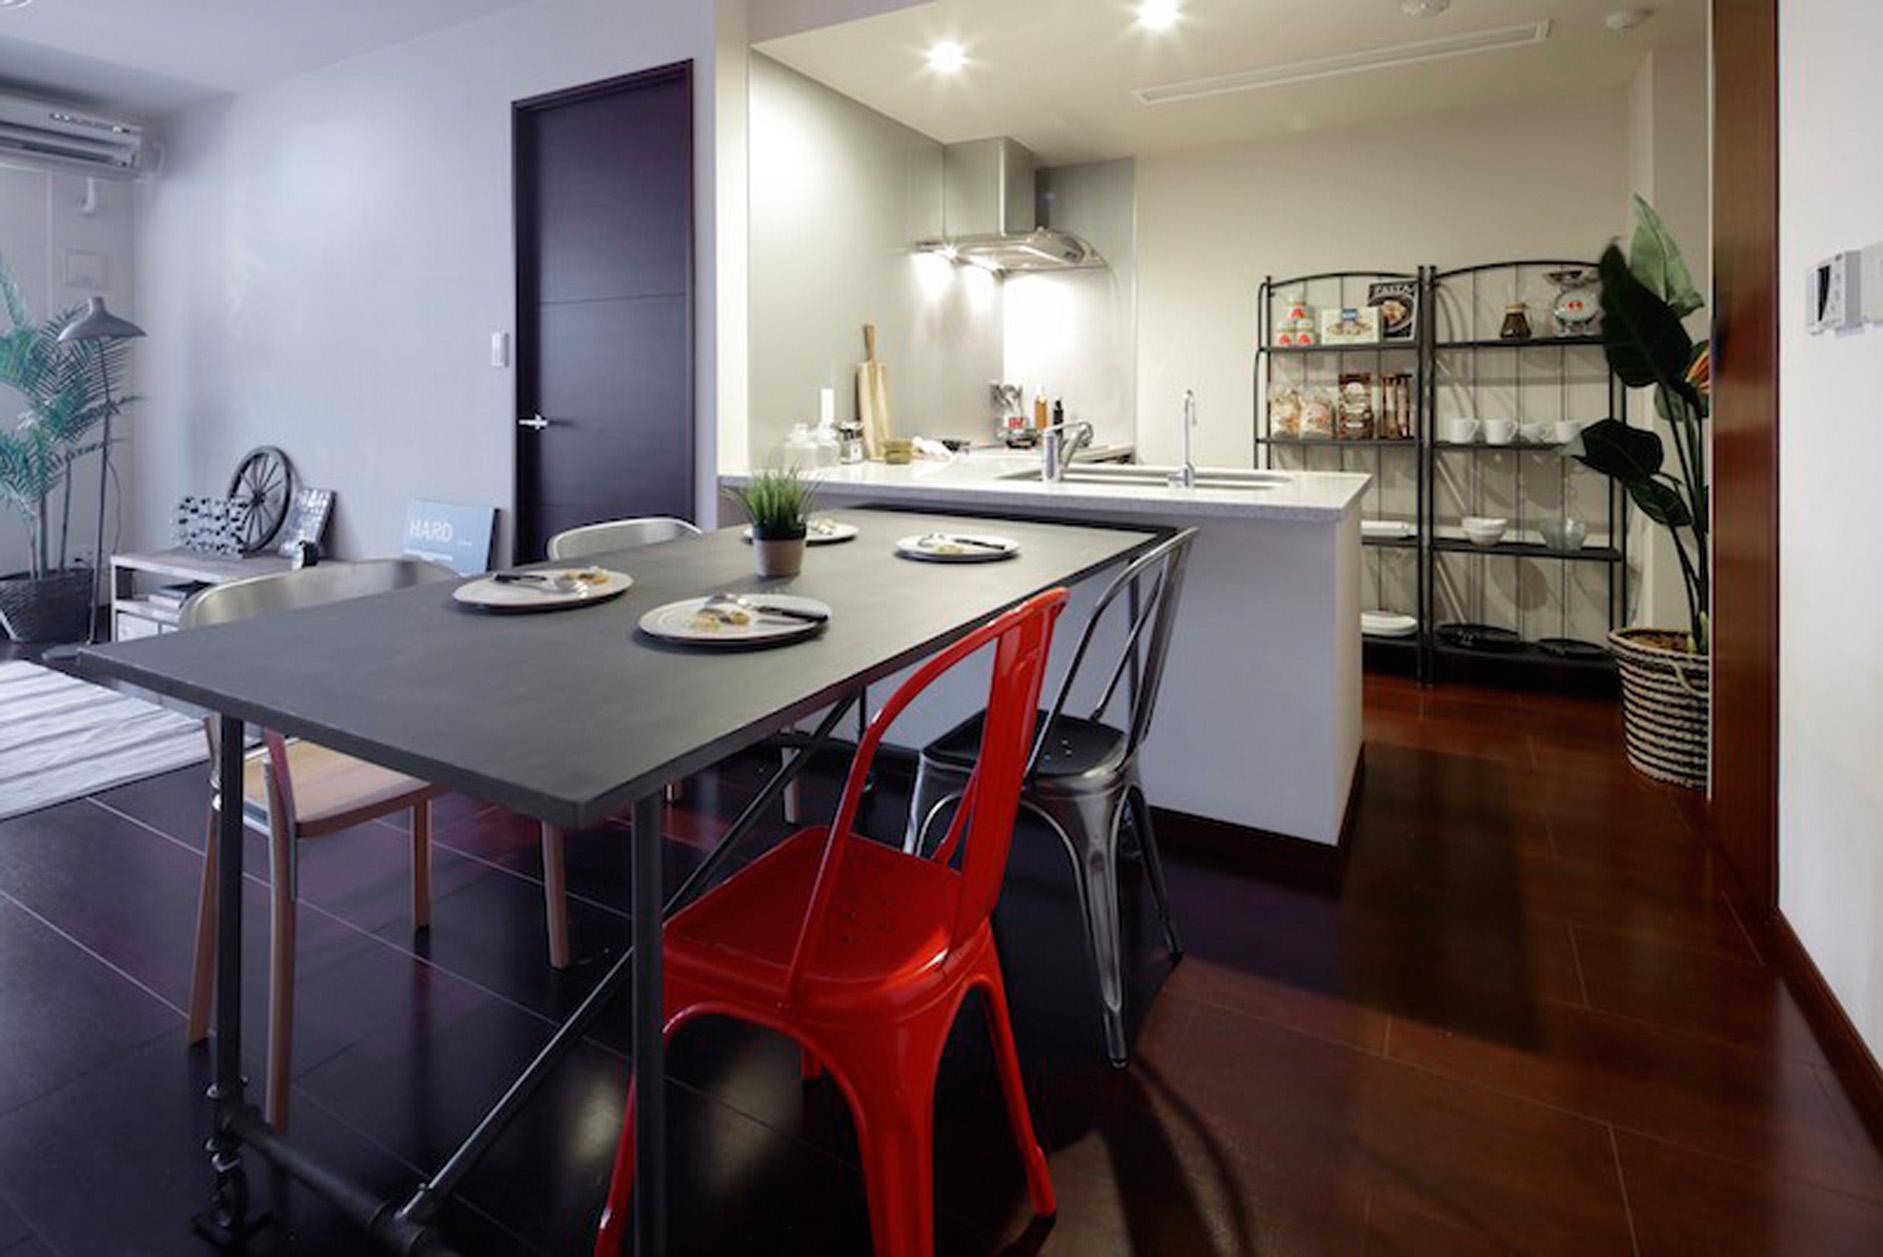 独立しつつ、室内の空間として繋がりのあるL字型キッチン。 イメージ